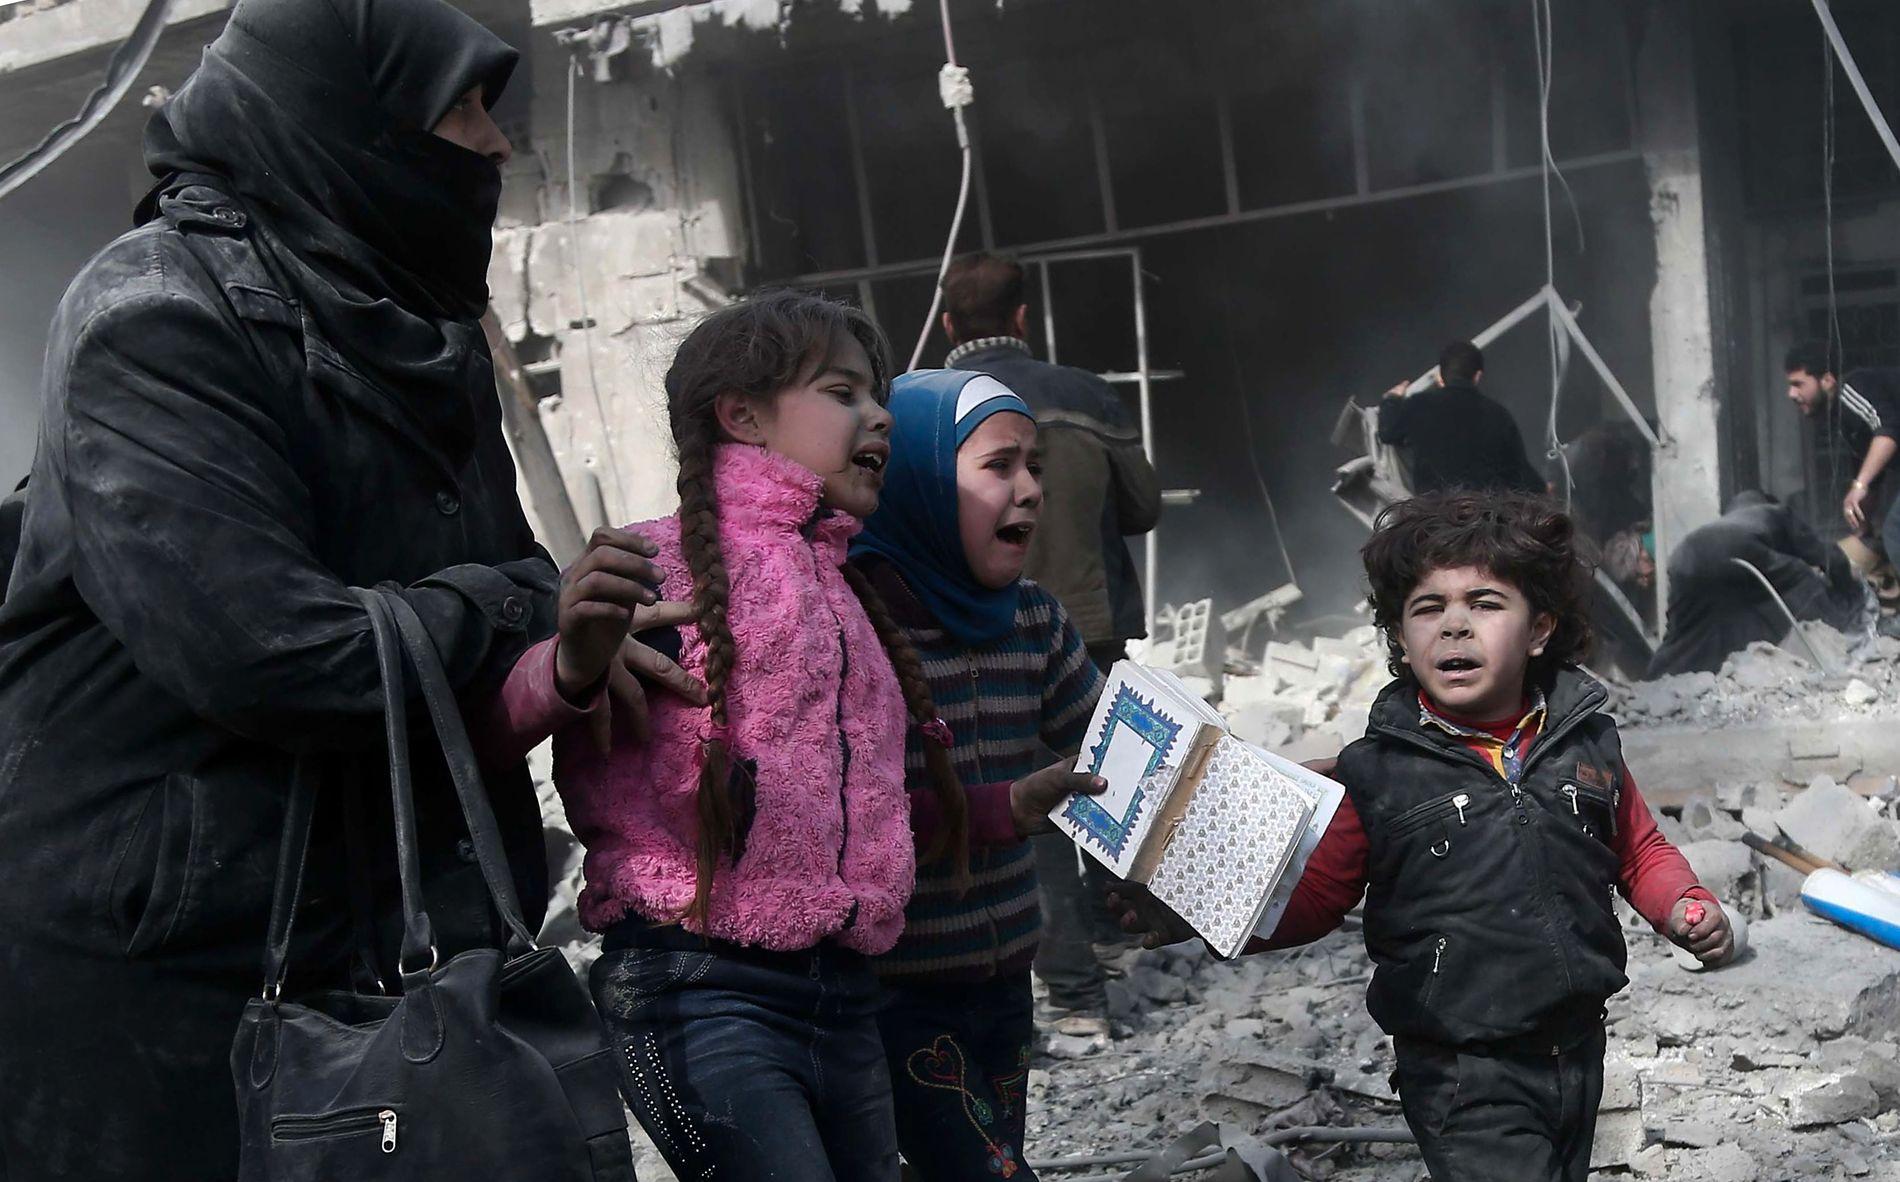 REDDET UT: Fotografen Eassa fotograferte disse barna i etterkant av samme angrep som skadet gutten i første bilde.